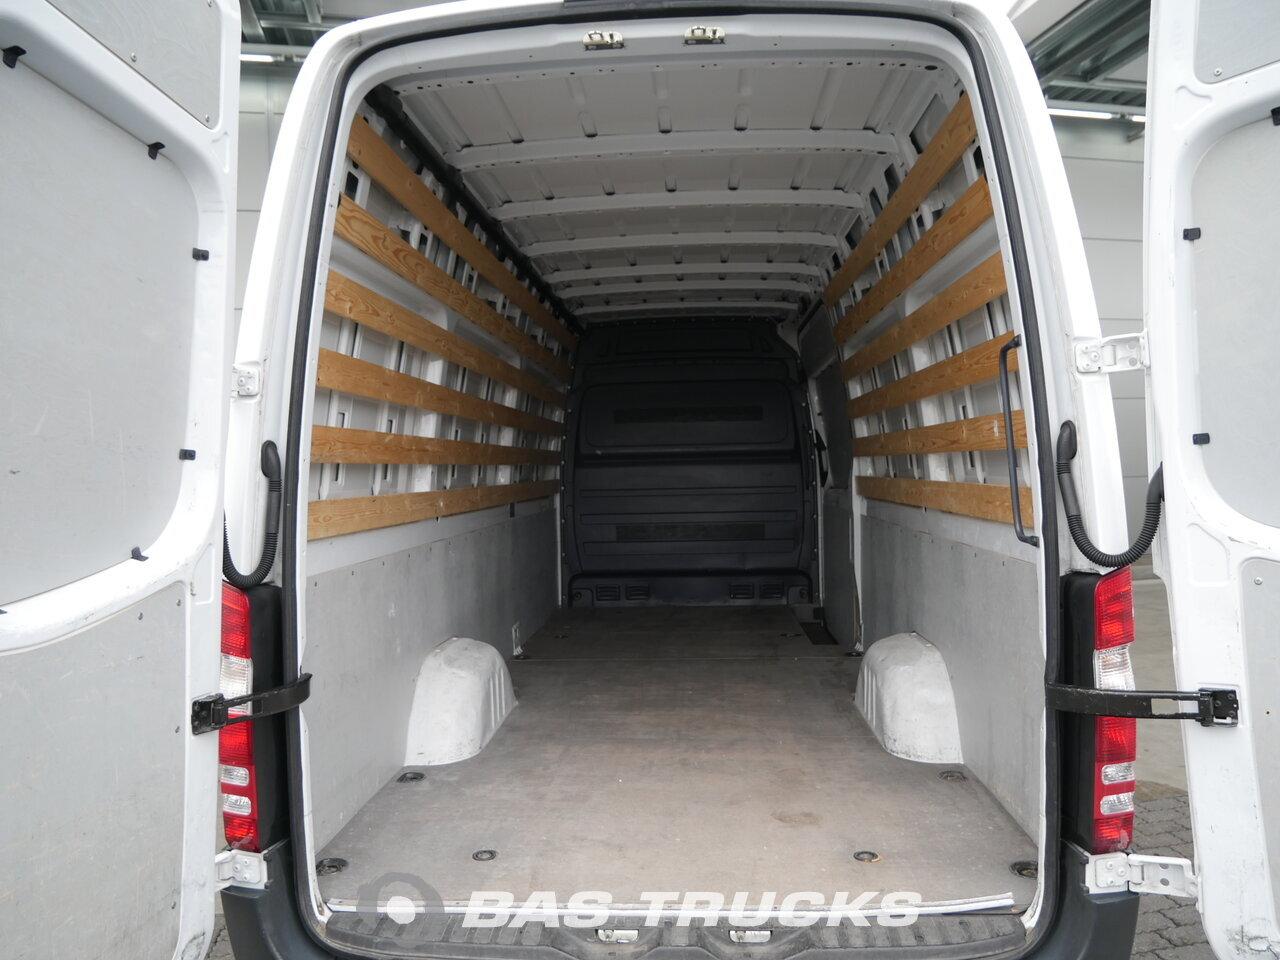 mercedes nutzfahrzeuge gebraucht mercedes benz. Black Bedroom Furniture Sets. Home Design Ideas